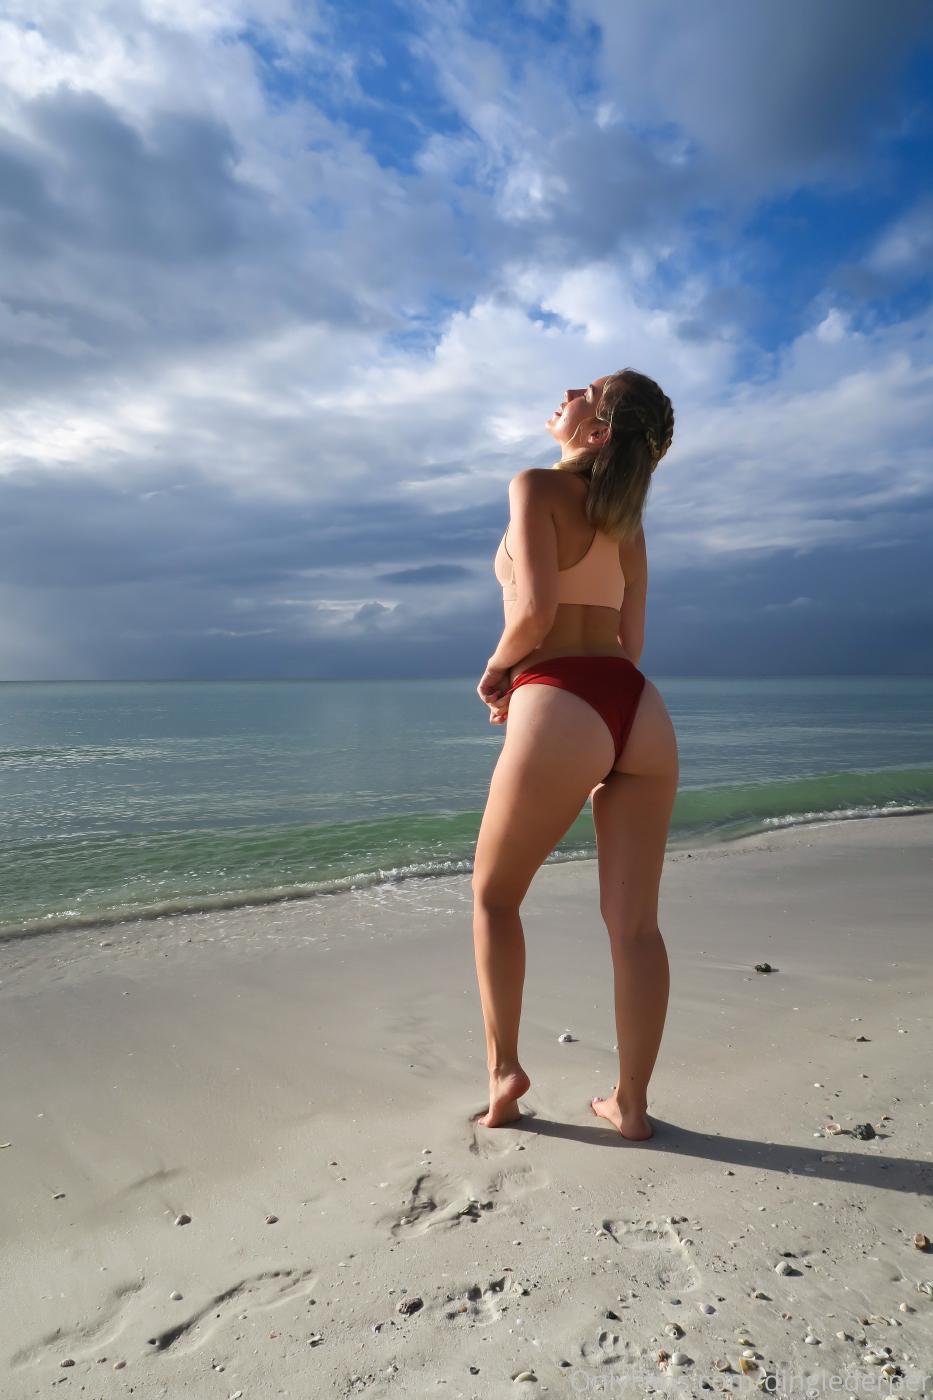 Dinglederper Beach Onlyfans Set Leaked 0004